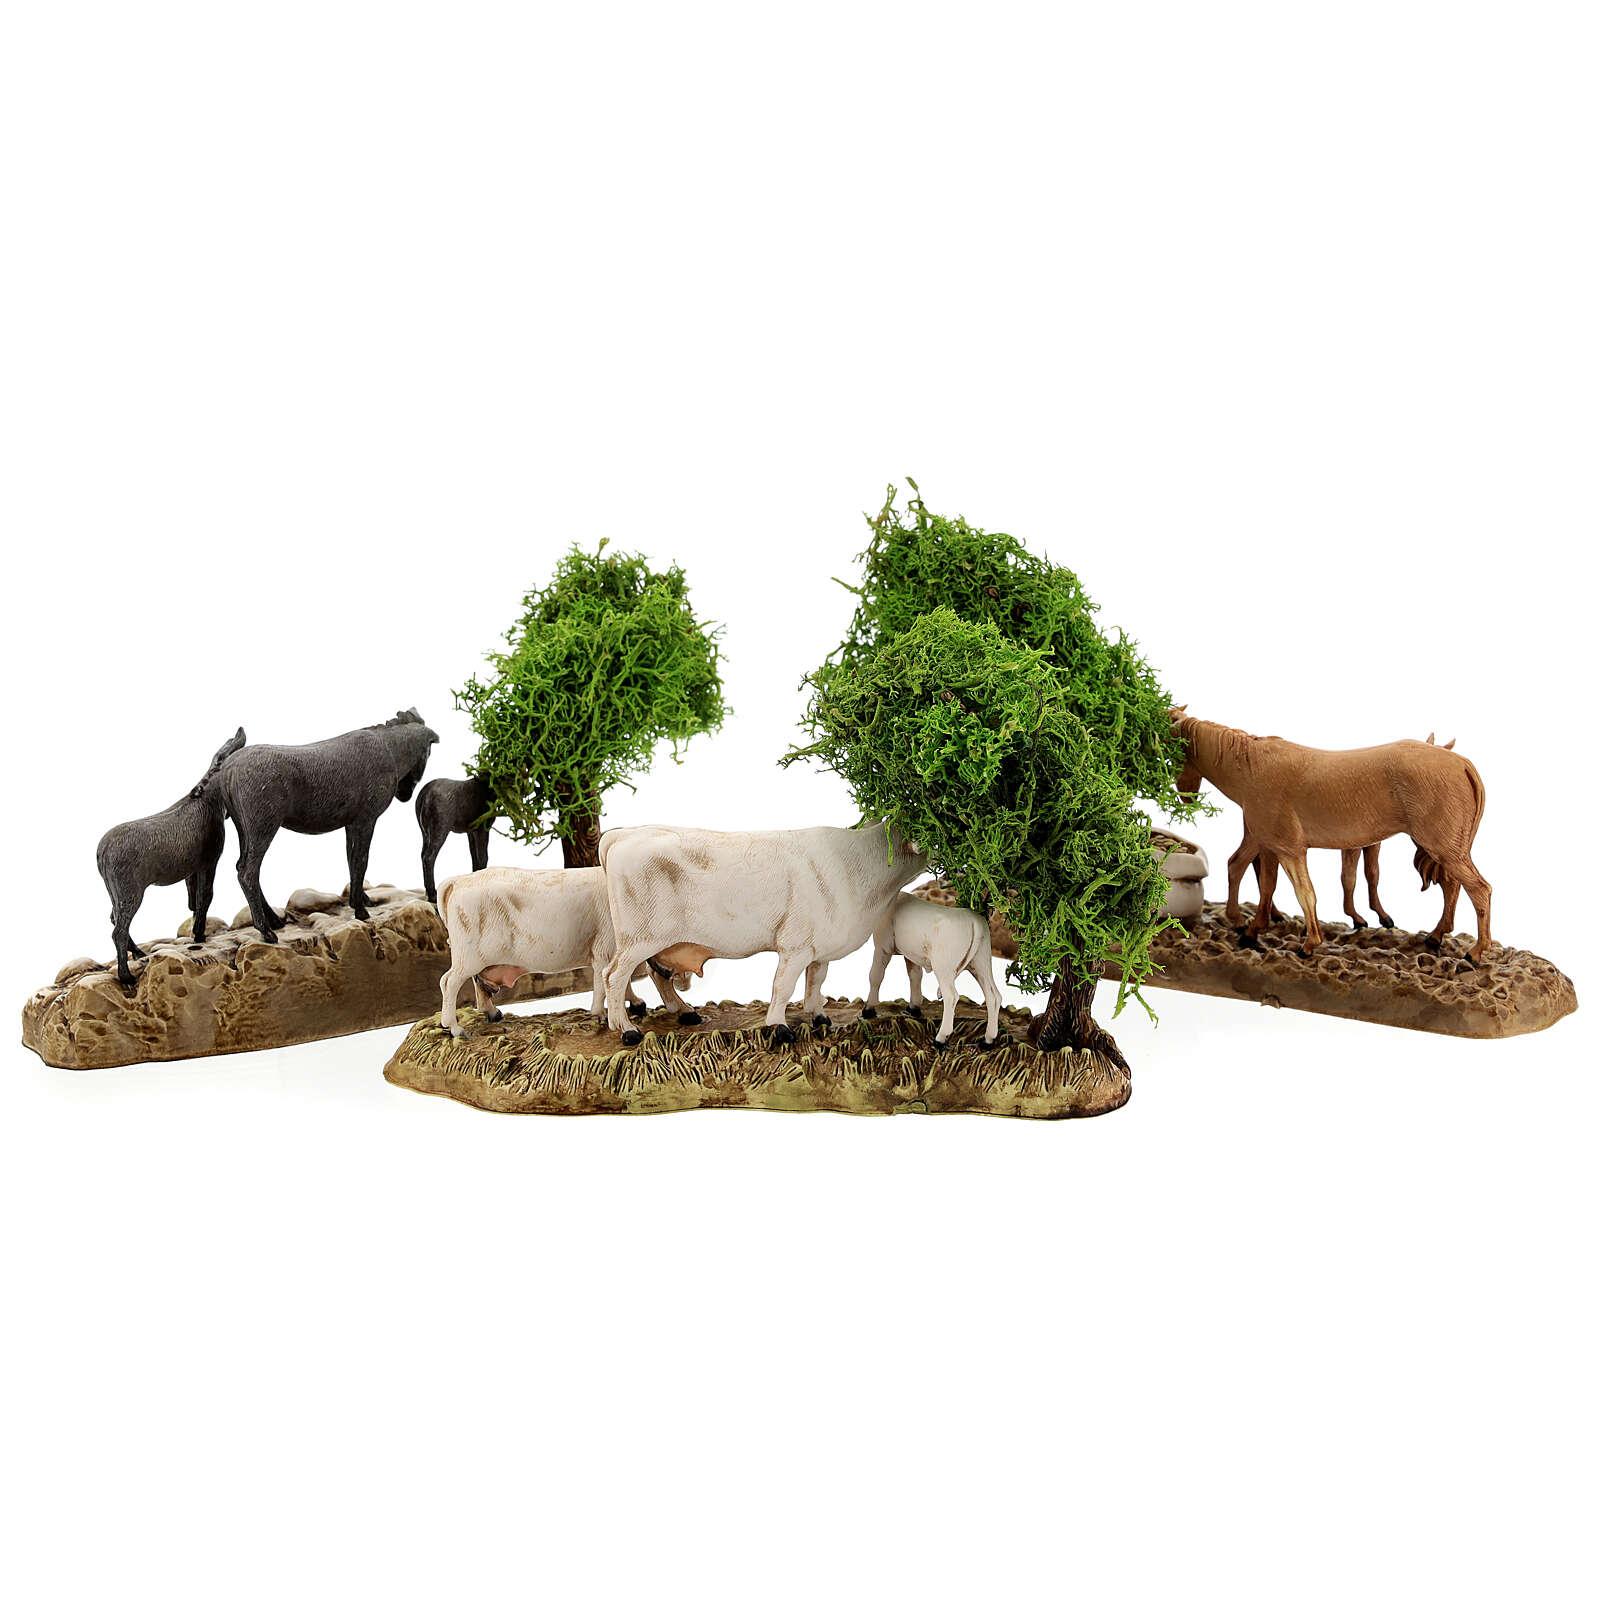 Gruppo animali e ambientazione 3 pz 8 cm Moranduzzo 4